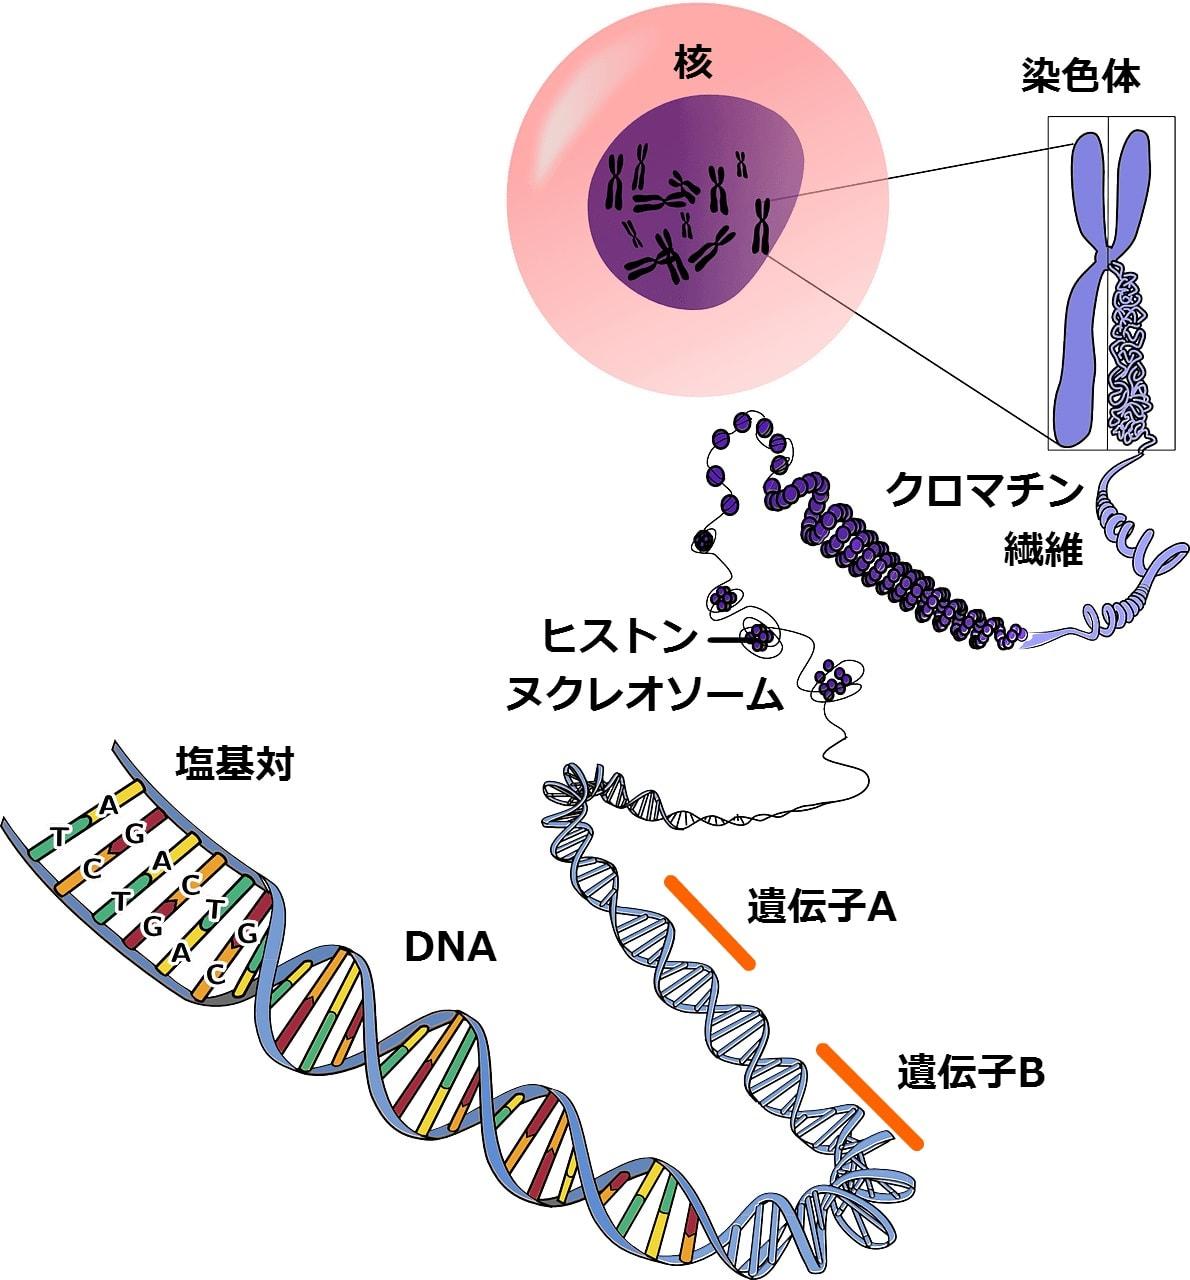 細胞の中の分子生物学 最新・生命科学入門 (森 和俊) - OMOI-KOMI ...